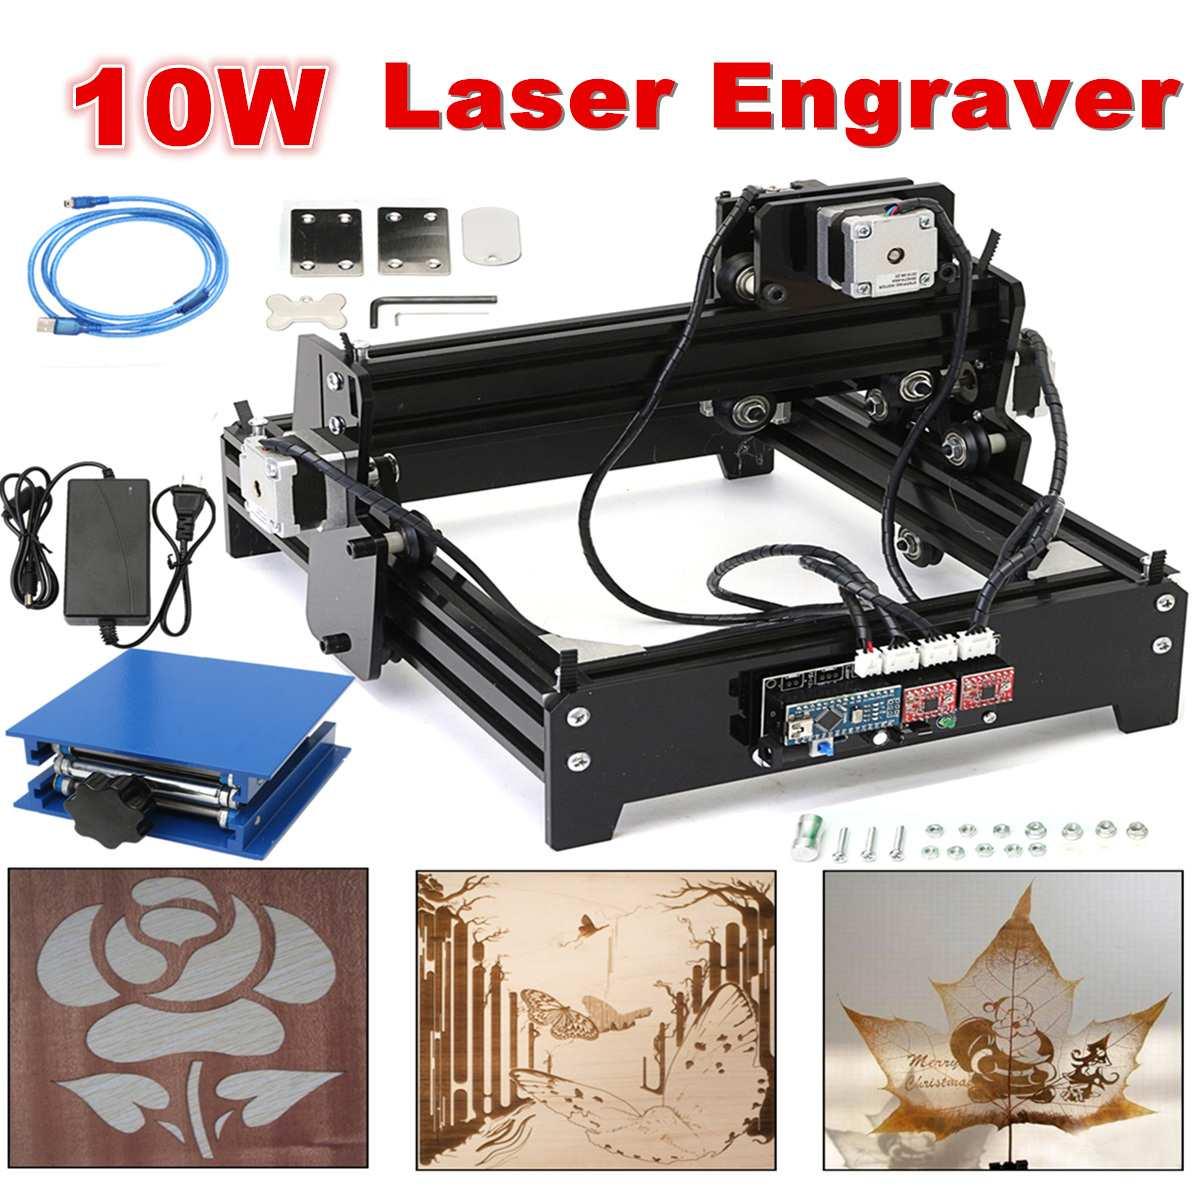 10W CNC USB Desktop DIY Metal Stone Wood Laser Engraver Marking DIY Engraving Machine Engraving Wood Router Machine